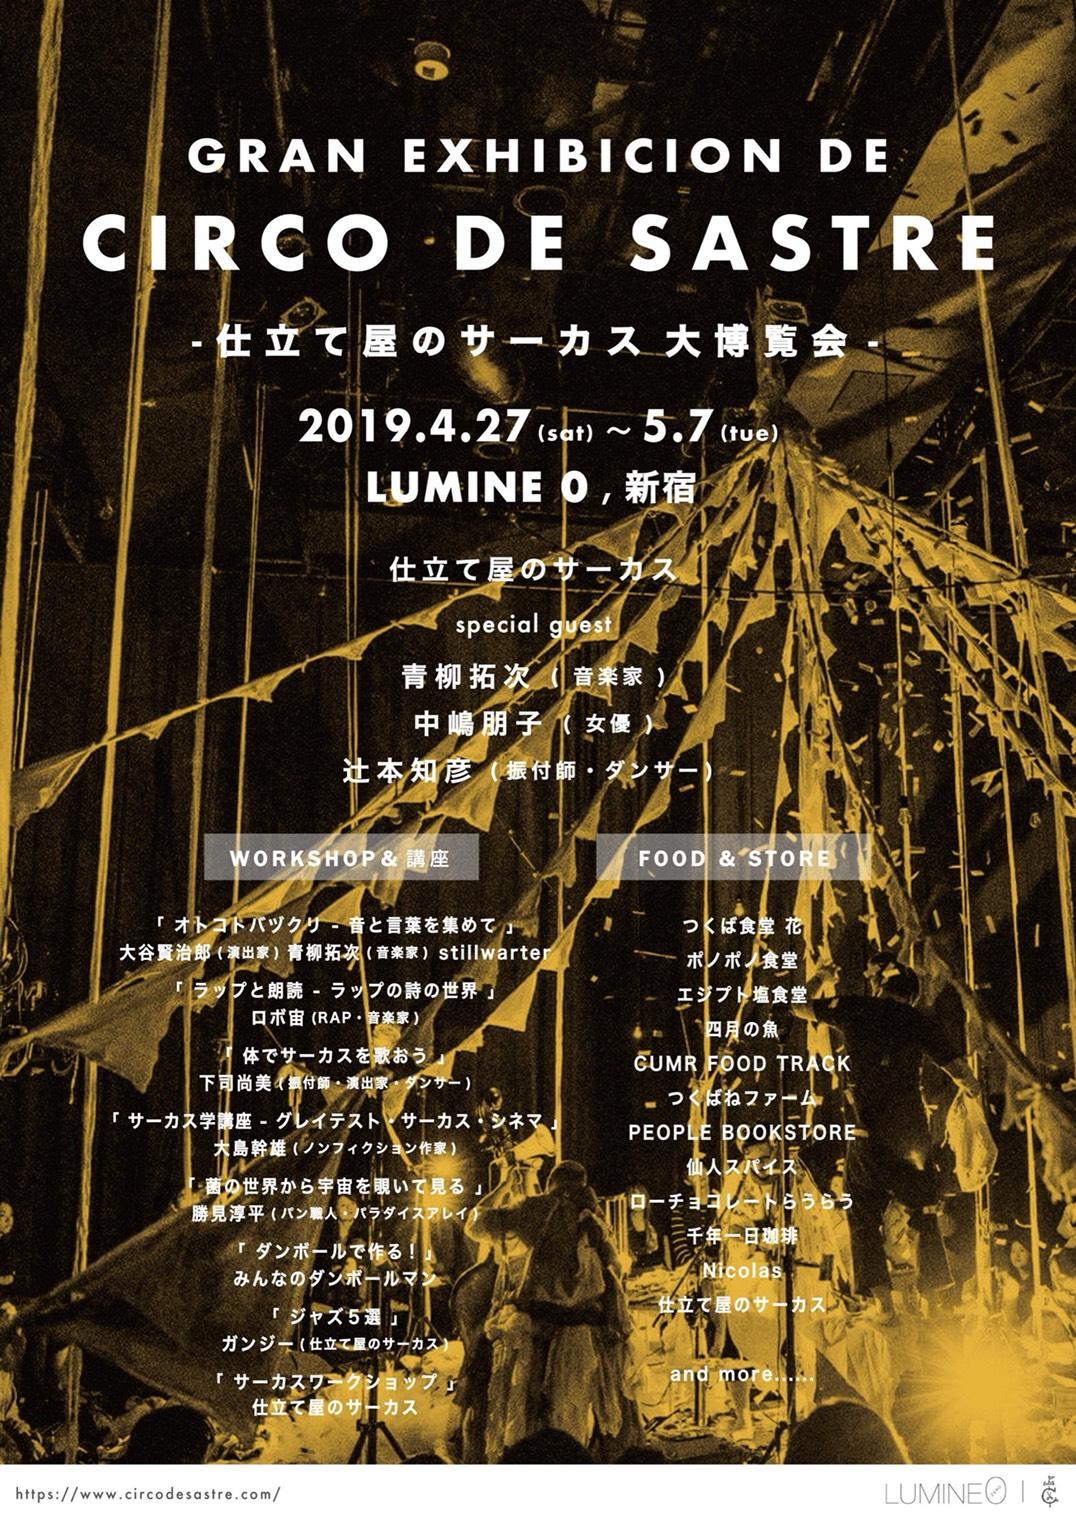 仕立て屋のサーカス大博覧会 - Gran Exhibición de Circo de Sastre・5/4(土) ゲスト:辻本知彦 ( 振付師・ダンサー )